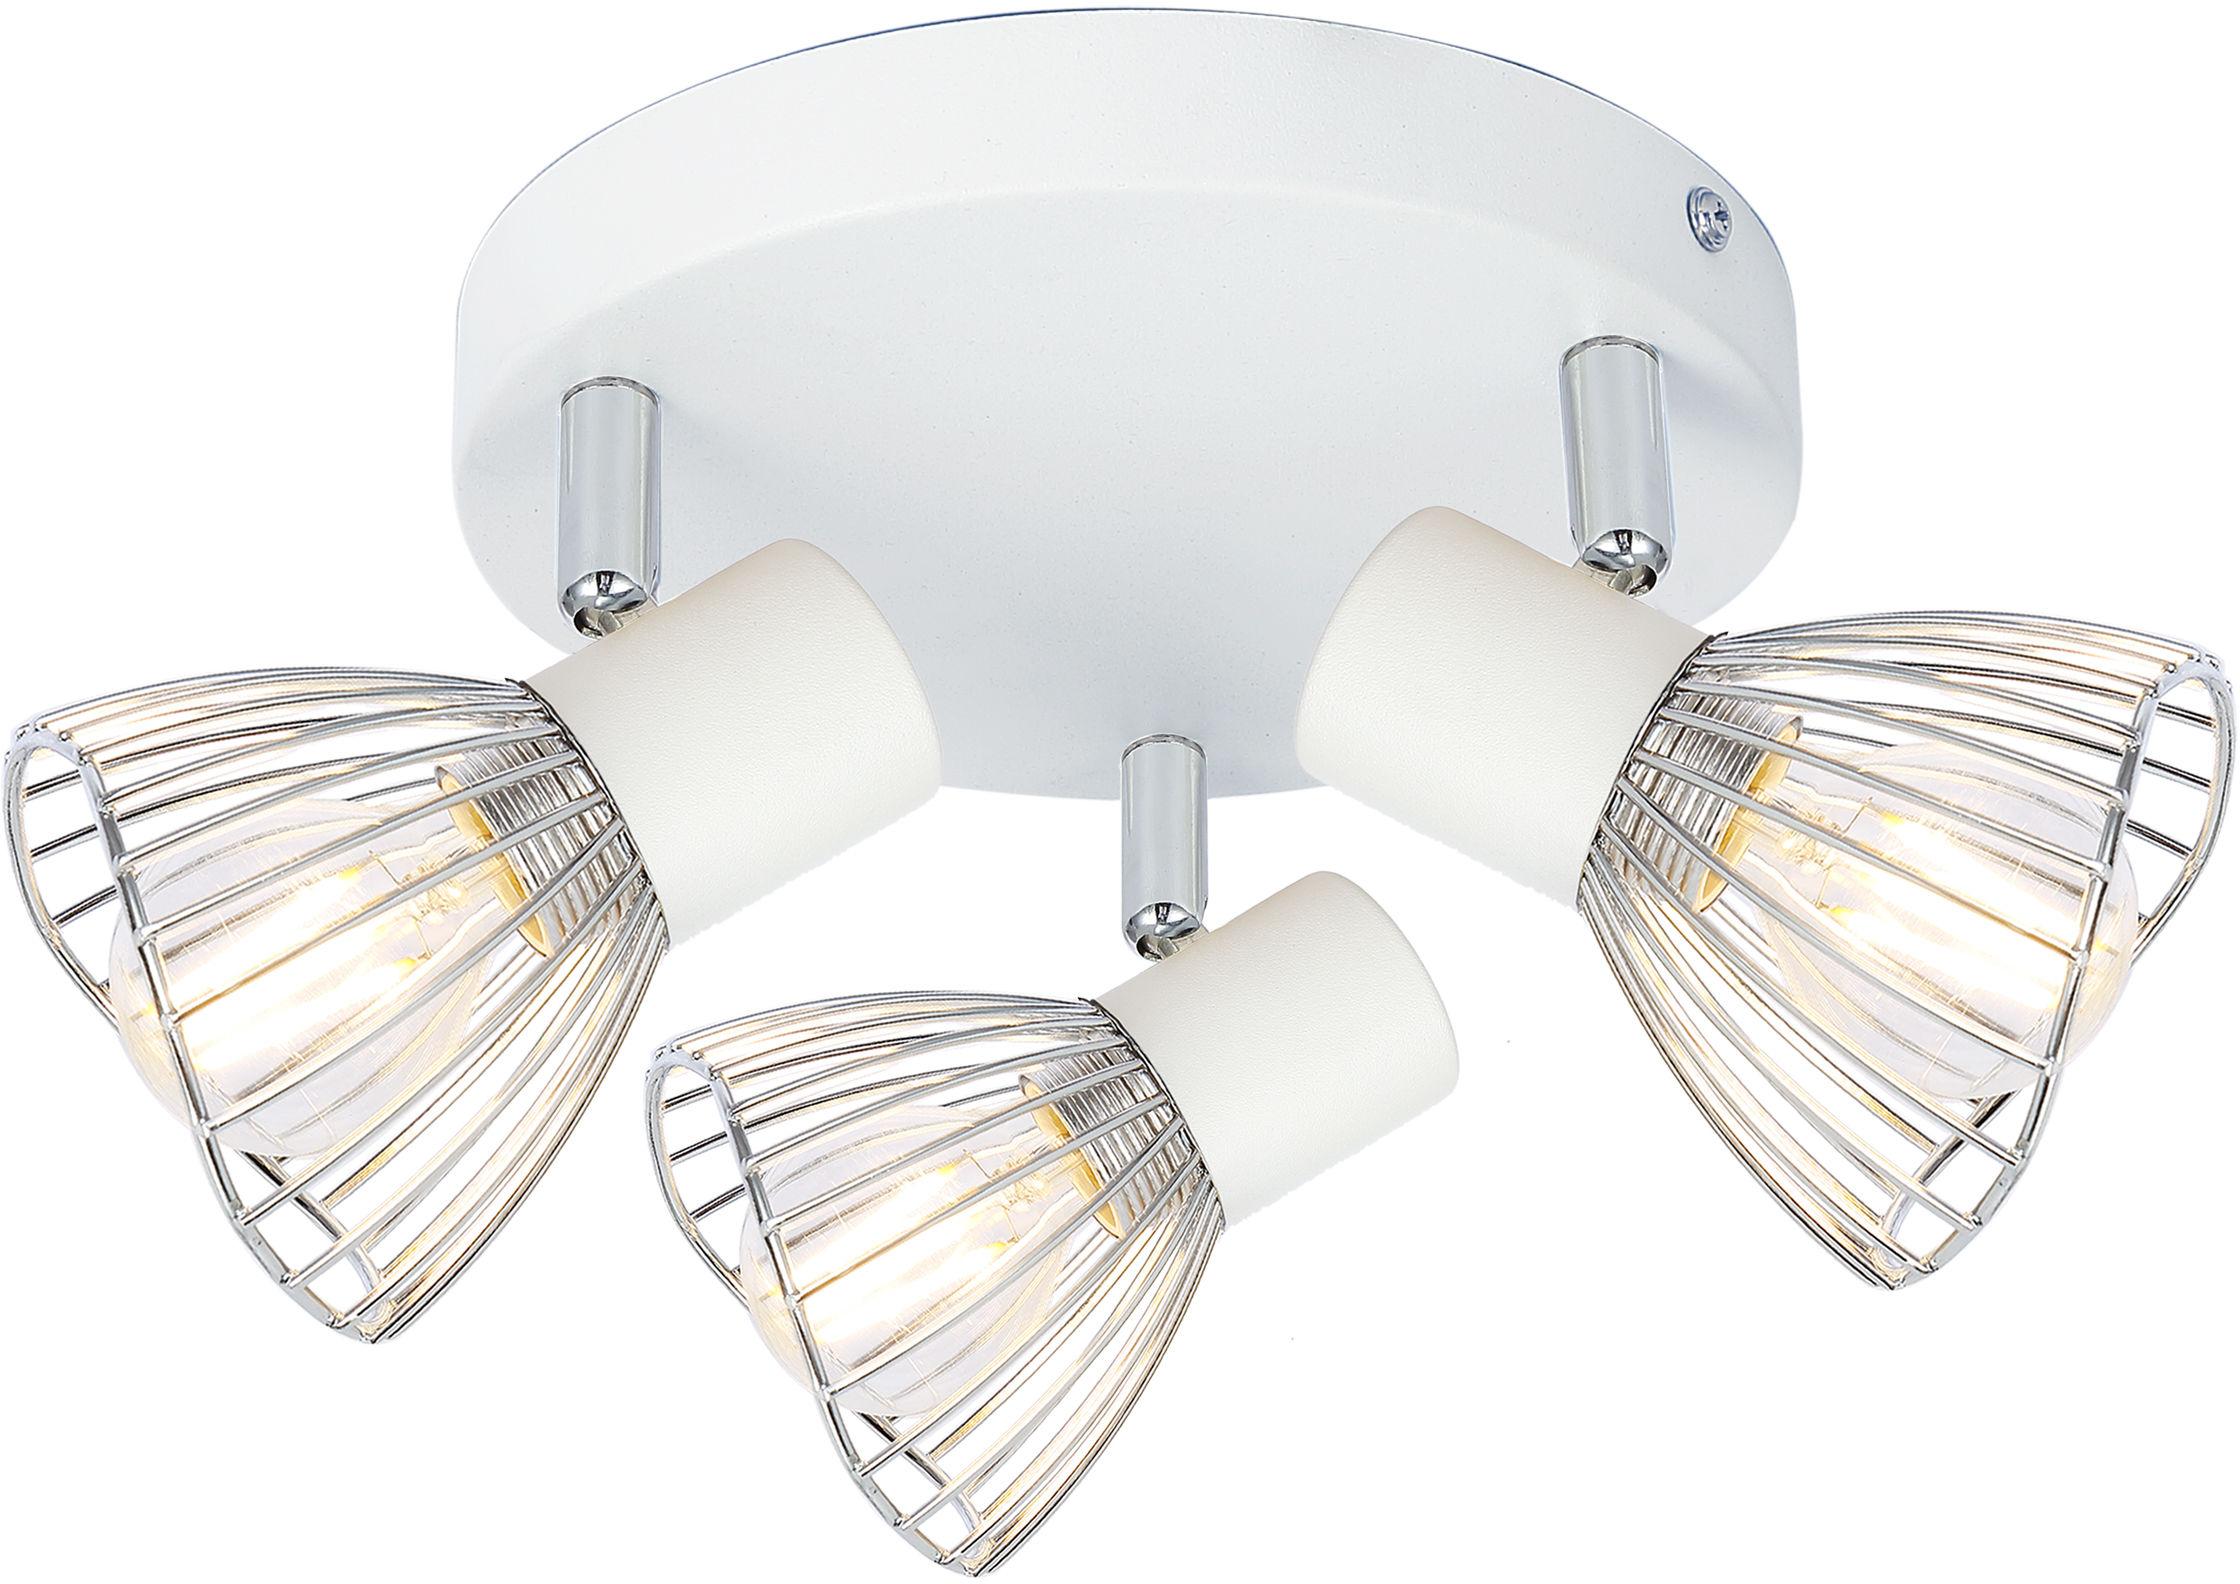 Candellux FLY 98-61980 plafon lampa sufitowa biały+chrom regulacja klosza 3X40W E14 33cm